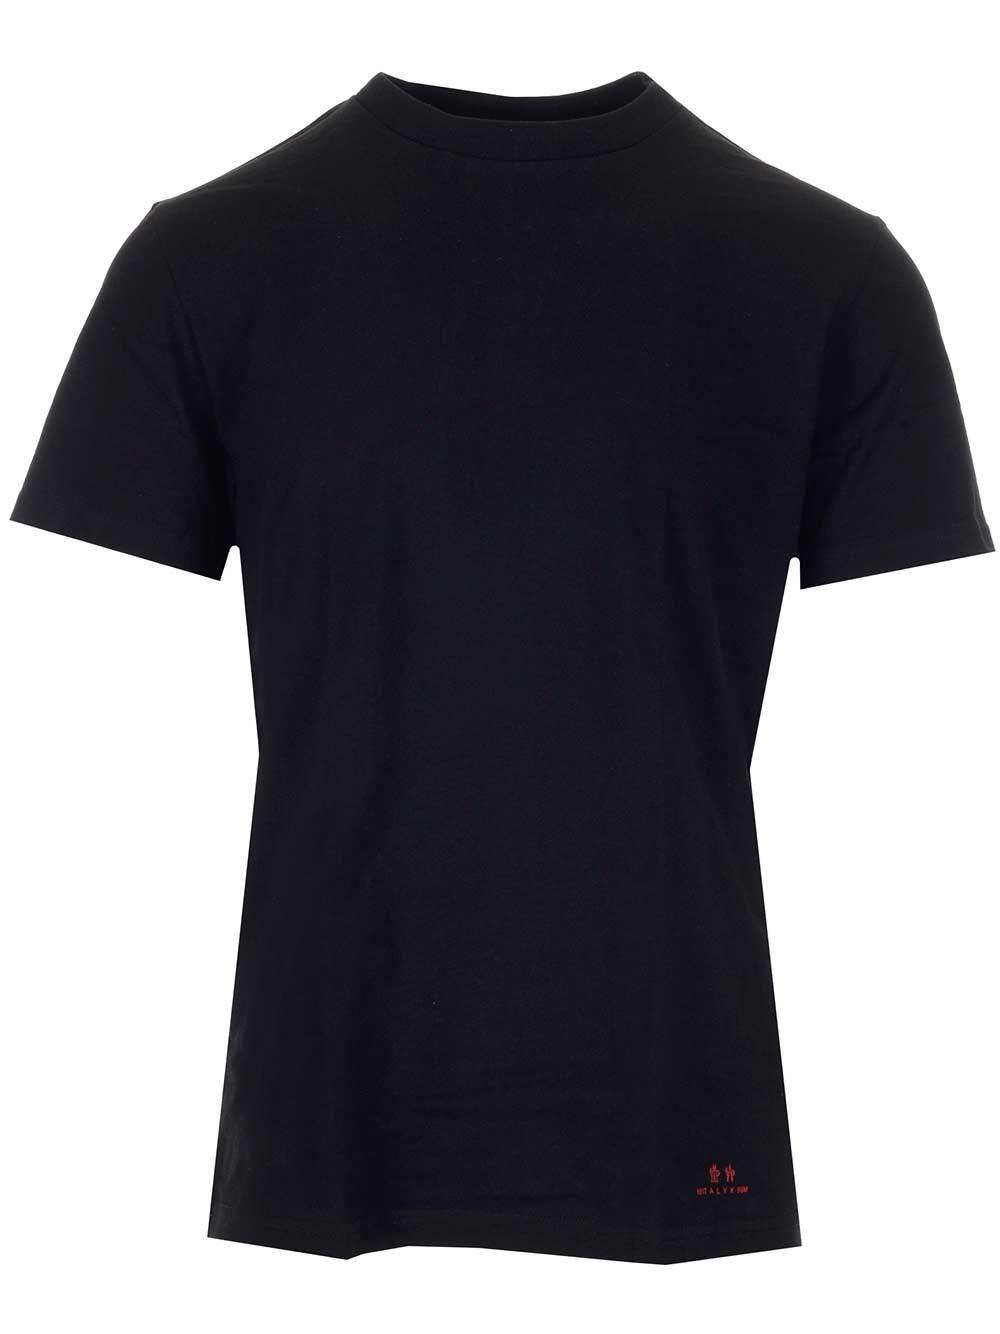 MONCLER GENIUS T-Shirt Multi Pack 6 Moncler 1017 Alyx 9Sm